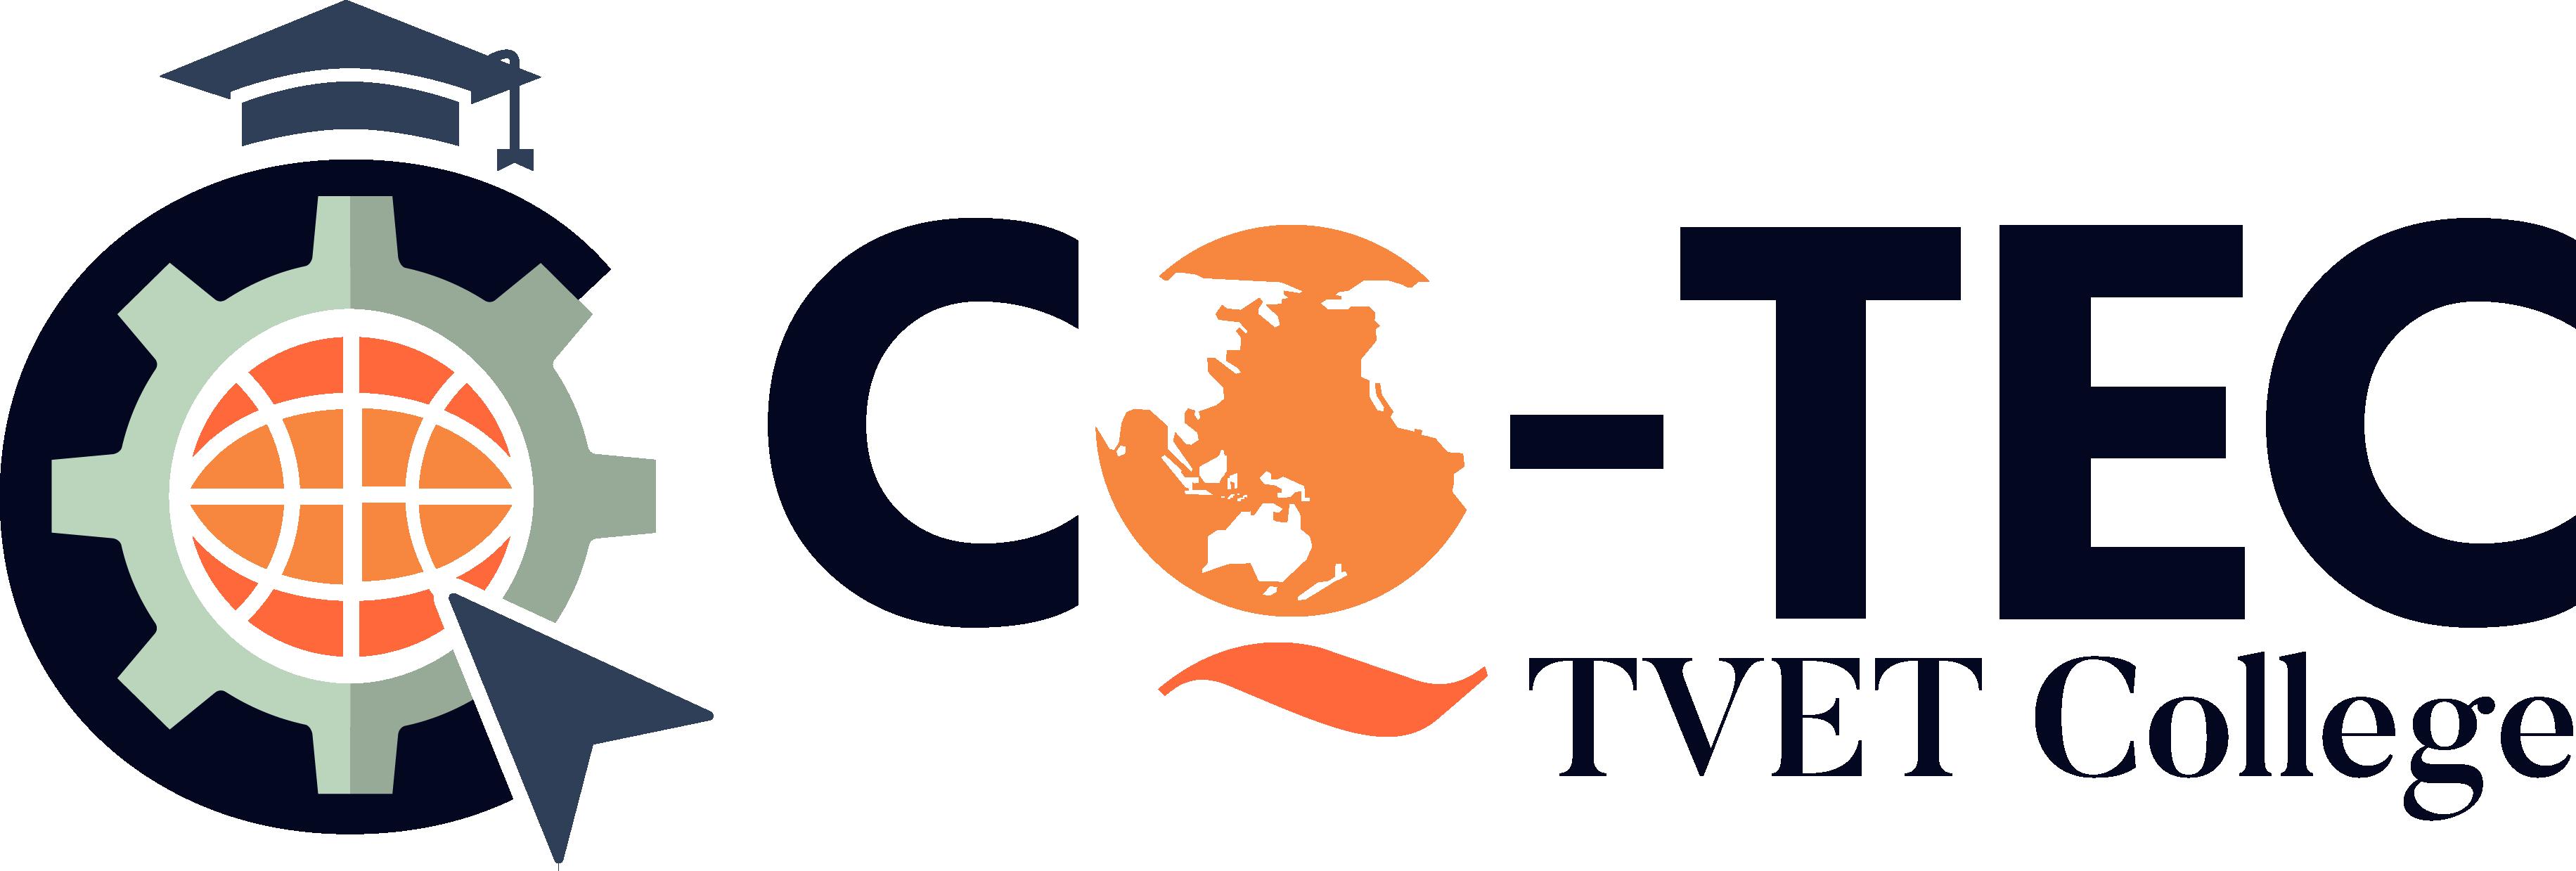 Cq-Tec